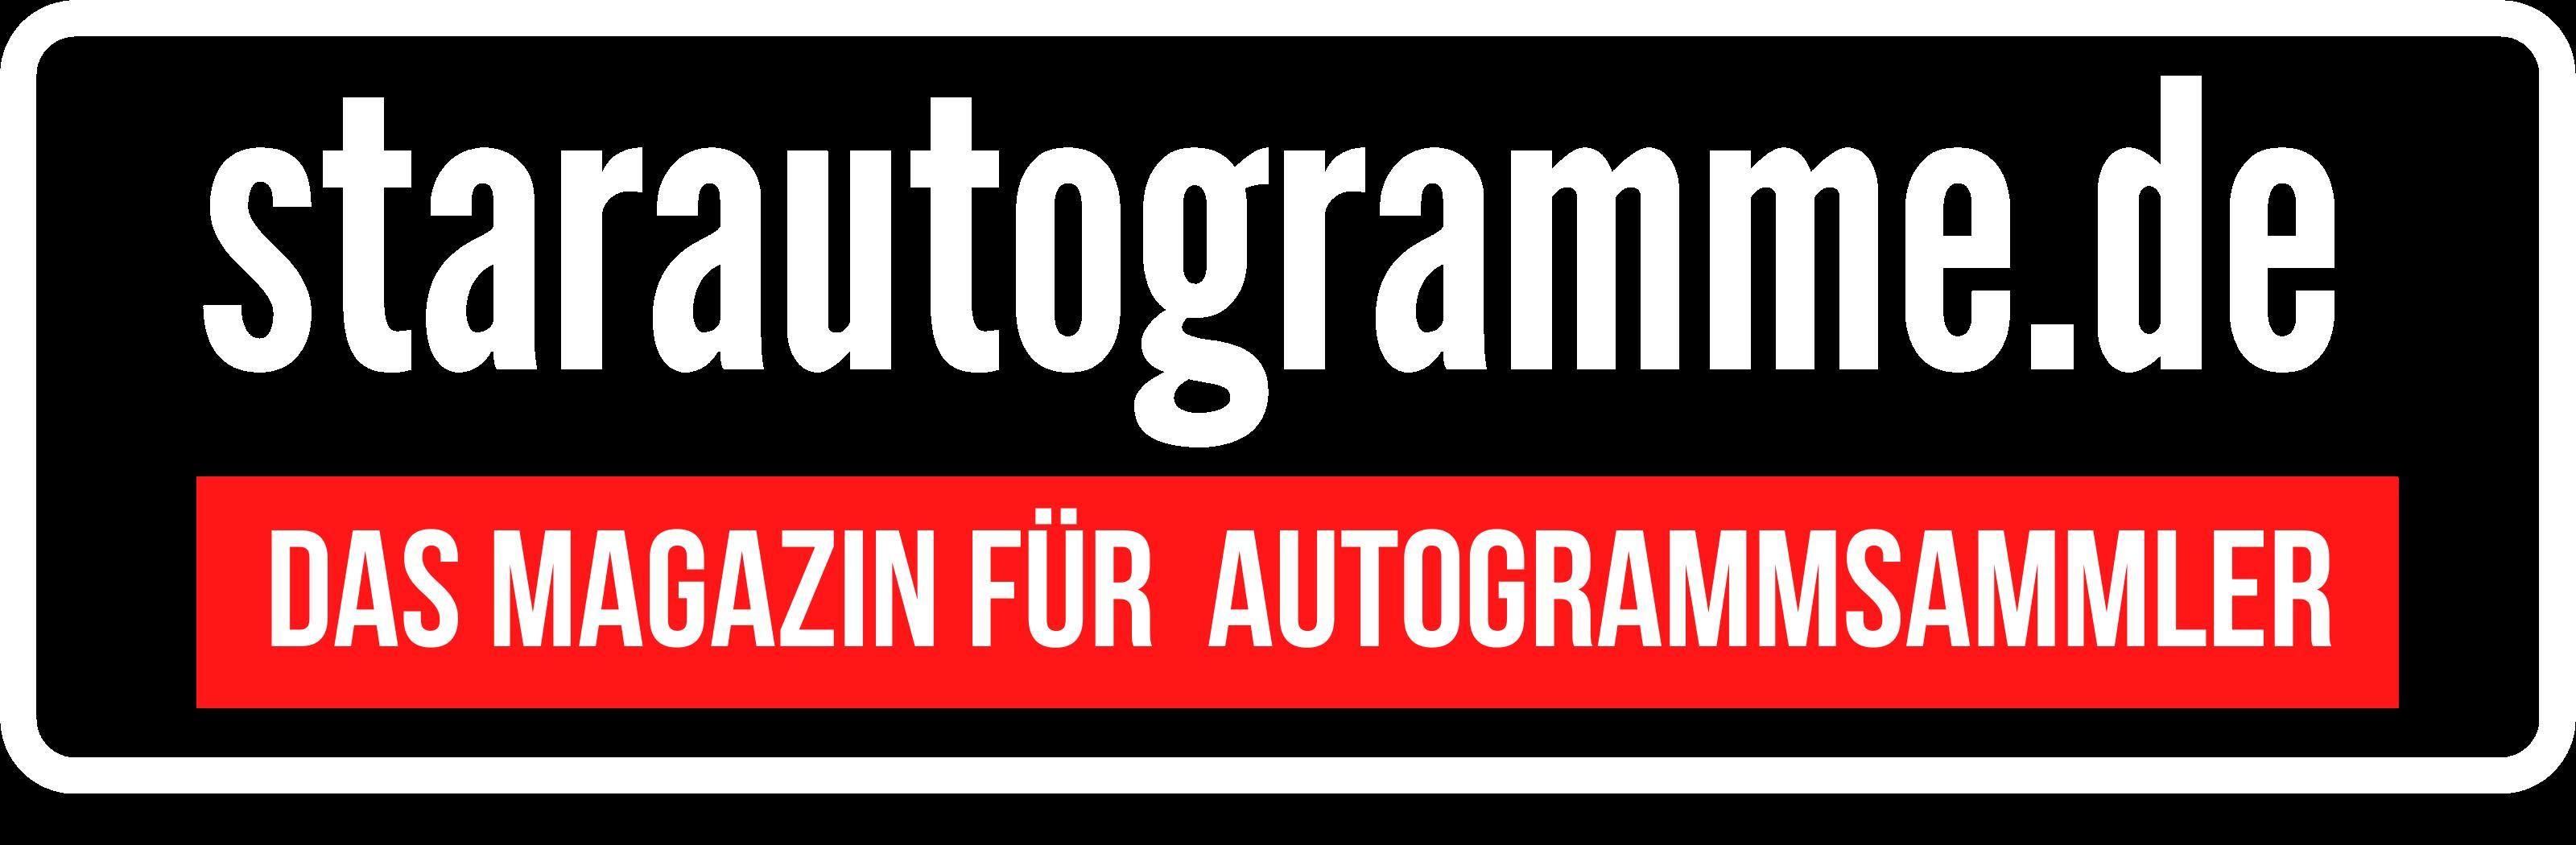 starautogramme.de